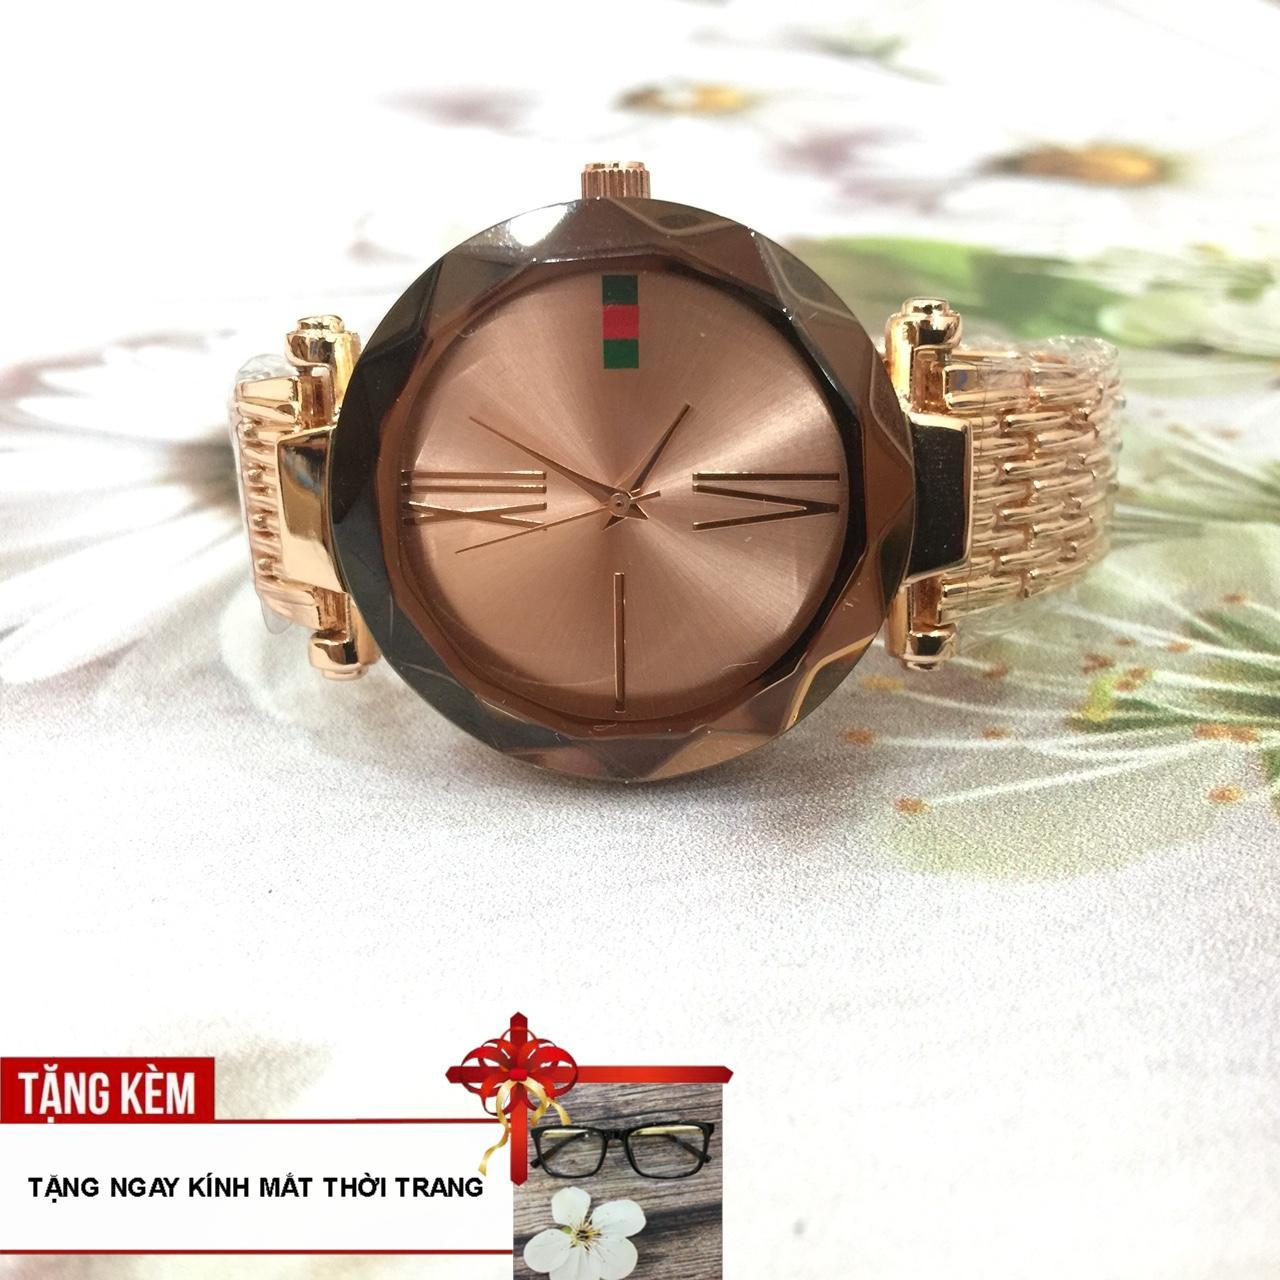 [NHÌN LÀ MÊ - TẶNG NGAY KÍNH MON THỜI TRANG] Đẹp lung linh cùng với chiếc đồng hồ nữ dây thép mặt viền trơn chạy 3 kim A184-55 bán chạy